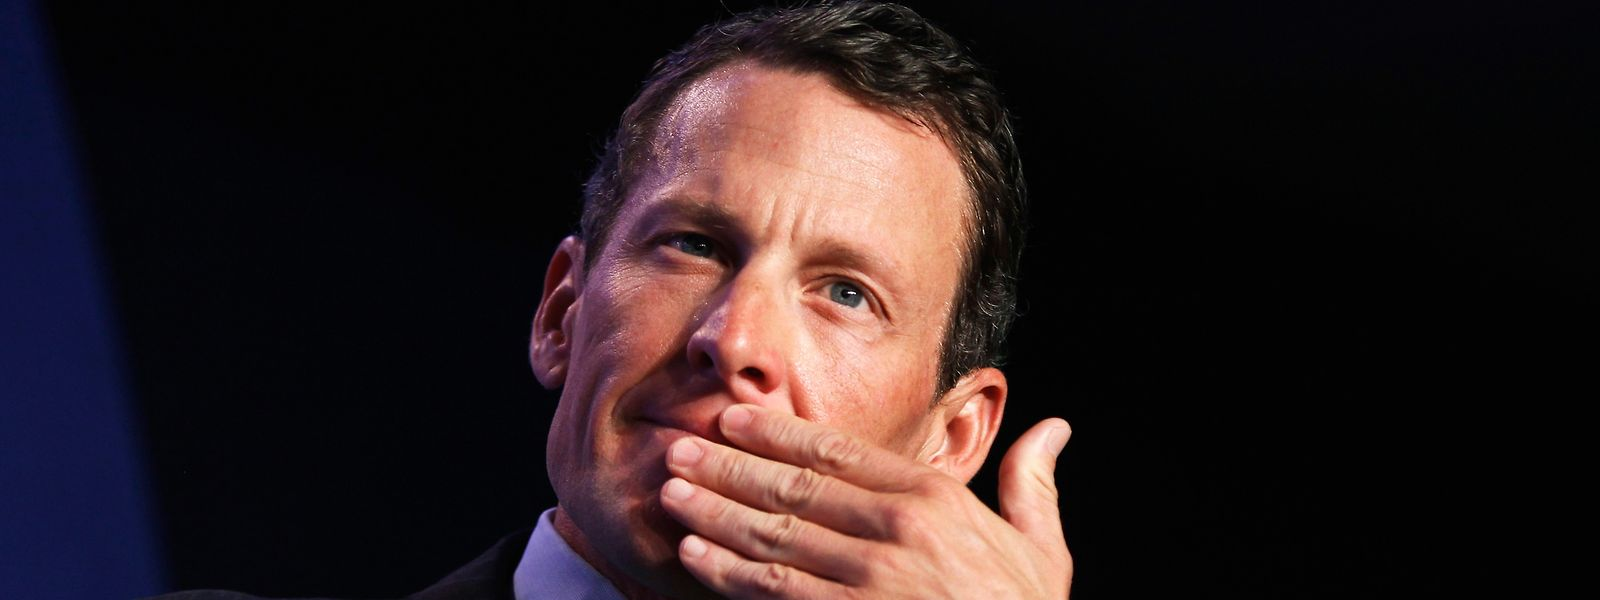 Lance Armstrong begegnet den Aussagen von David Lappartient mit Zynismus.